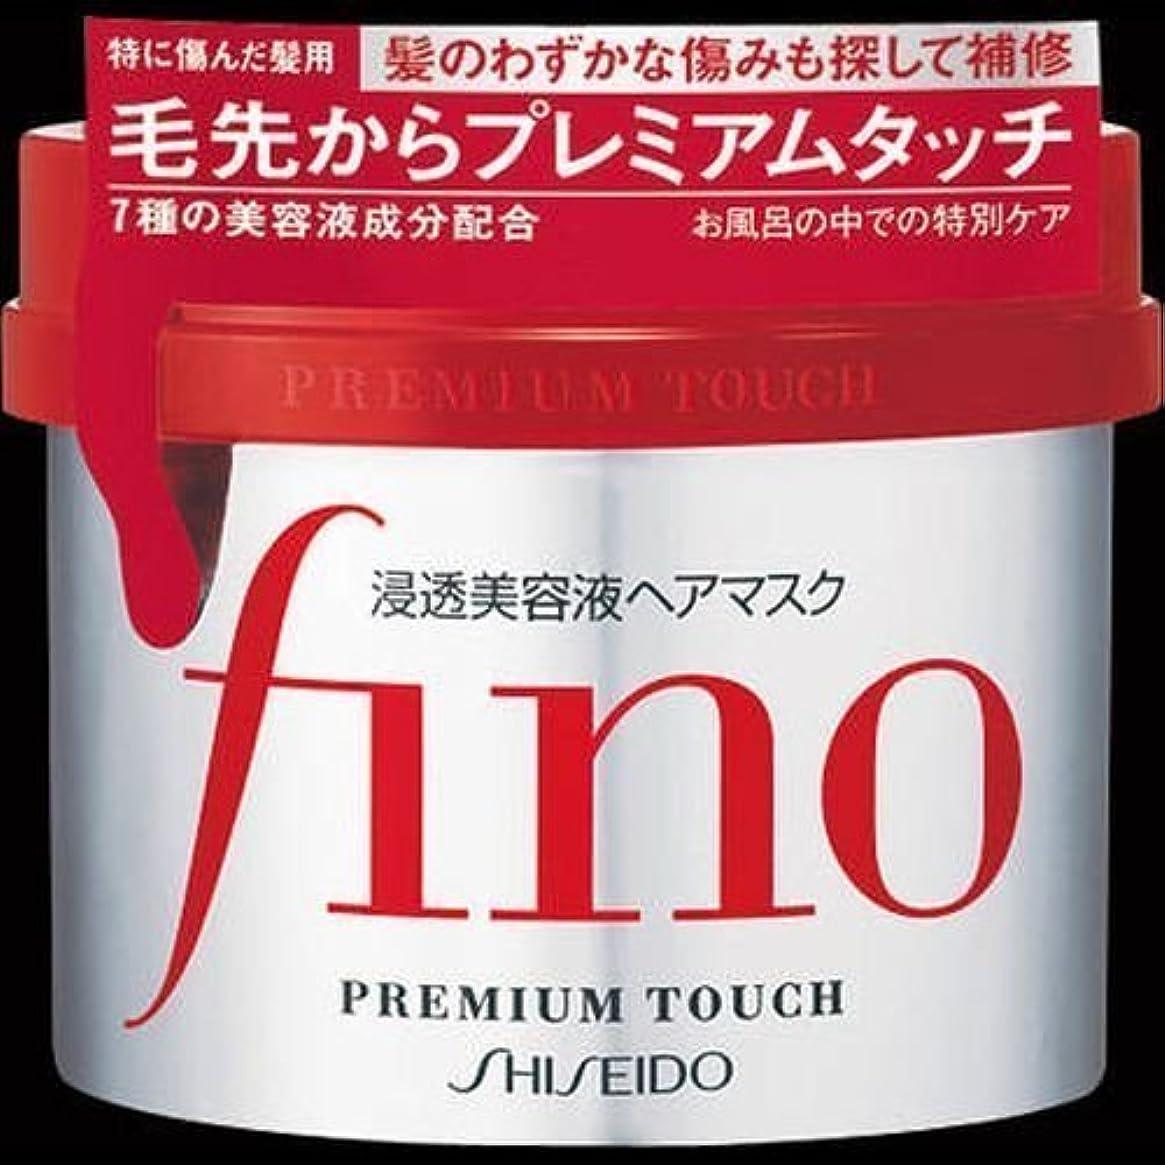 騙すはぁそんなに【まとめ買い】フィーノ プレミアムタッチ 浸透美容液 ヘアマスク 230g ×2セット